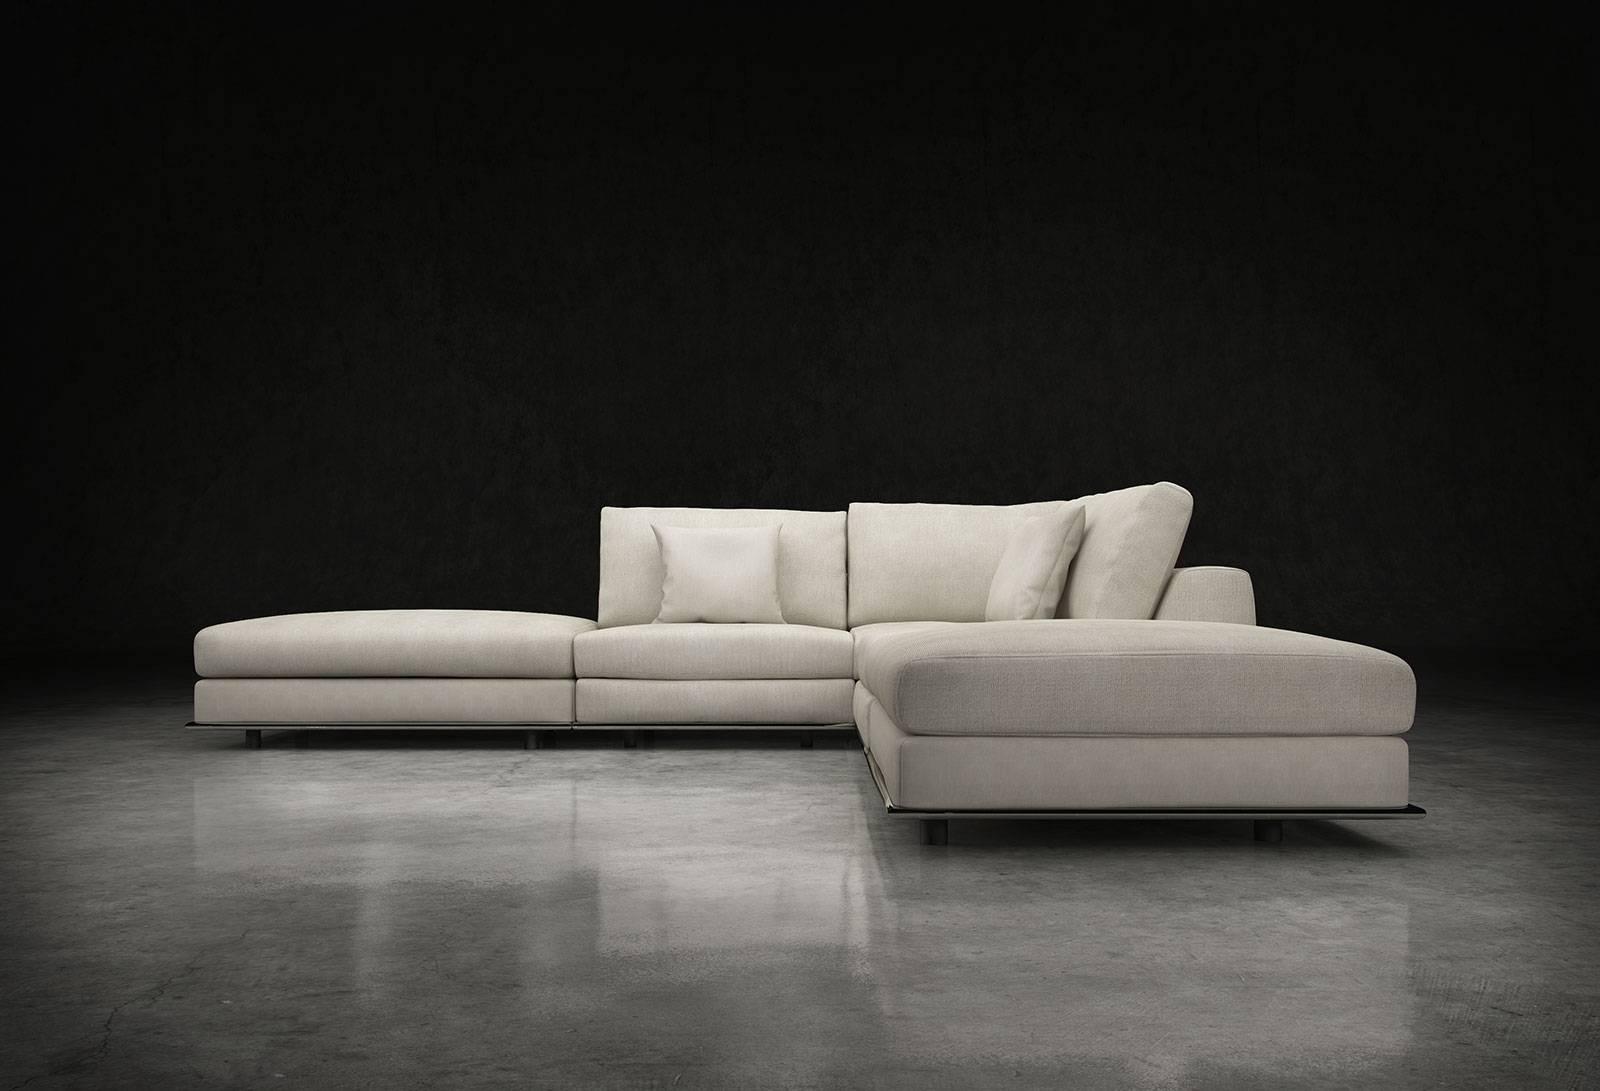 Modloft Perry Armless Corner Sofa Md820-Set04 Official Store regarding Armless Sectional Sofas (Image 18 of 30)